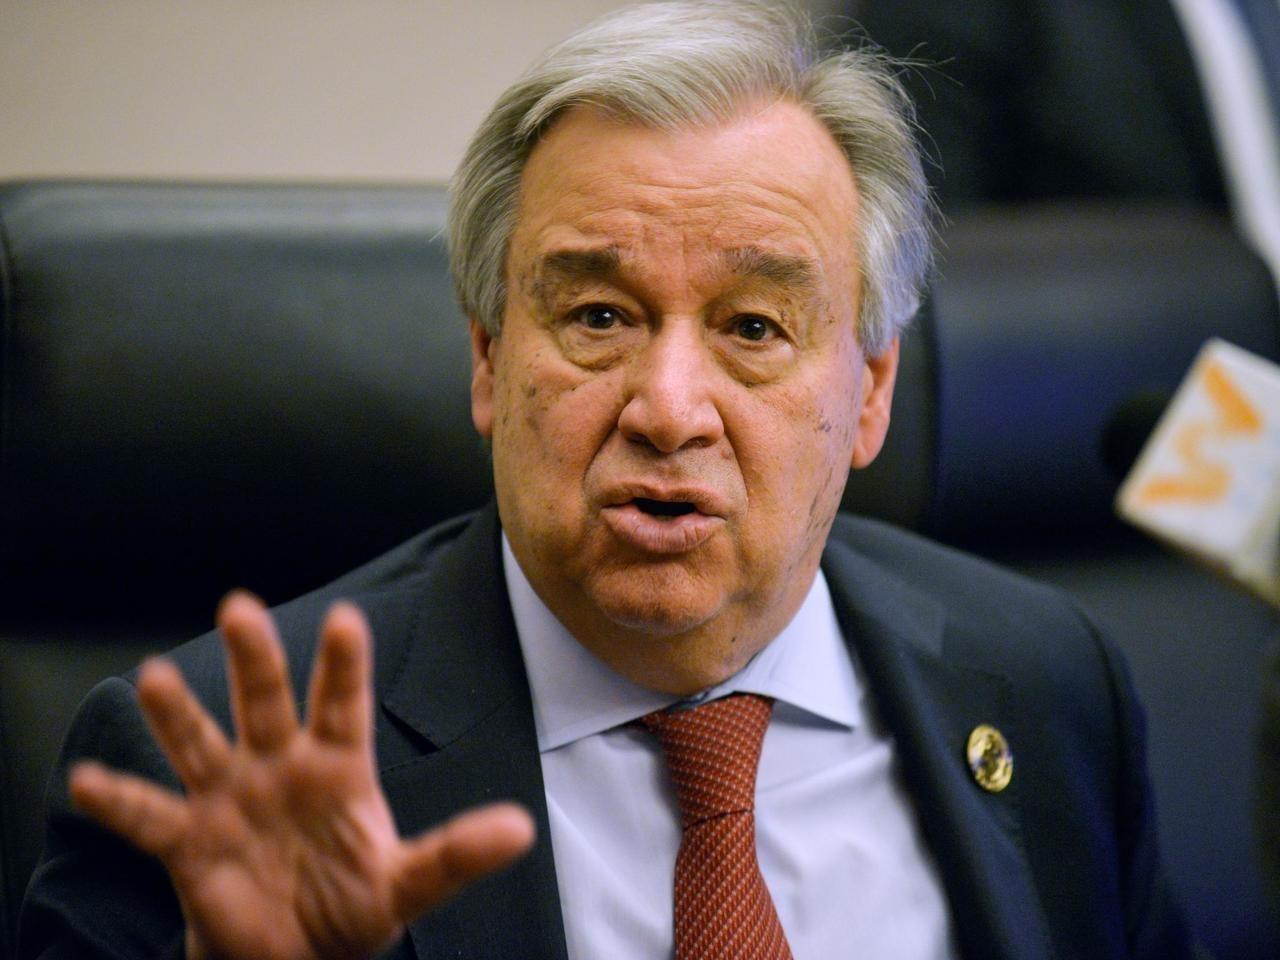 DUDH 2020: SG António Guterres, «Les personnes et leurs droits doivent être au cœur de la riposte et de la relance»